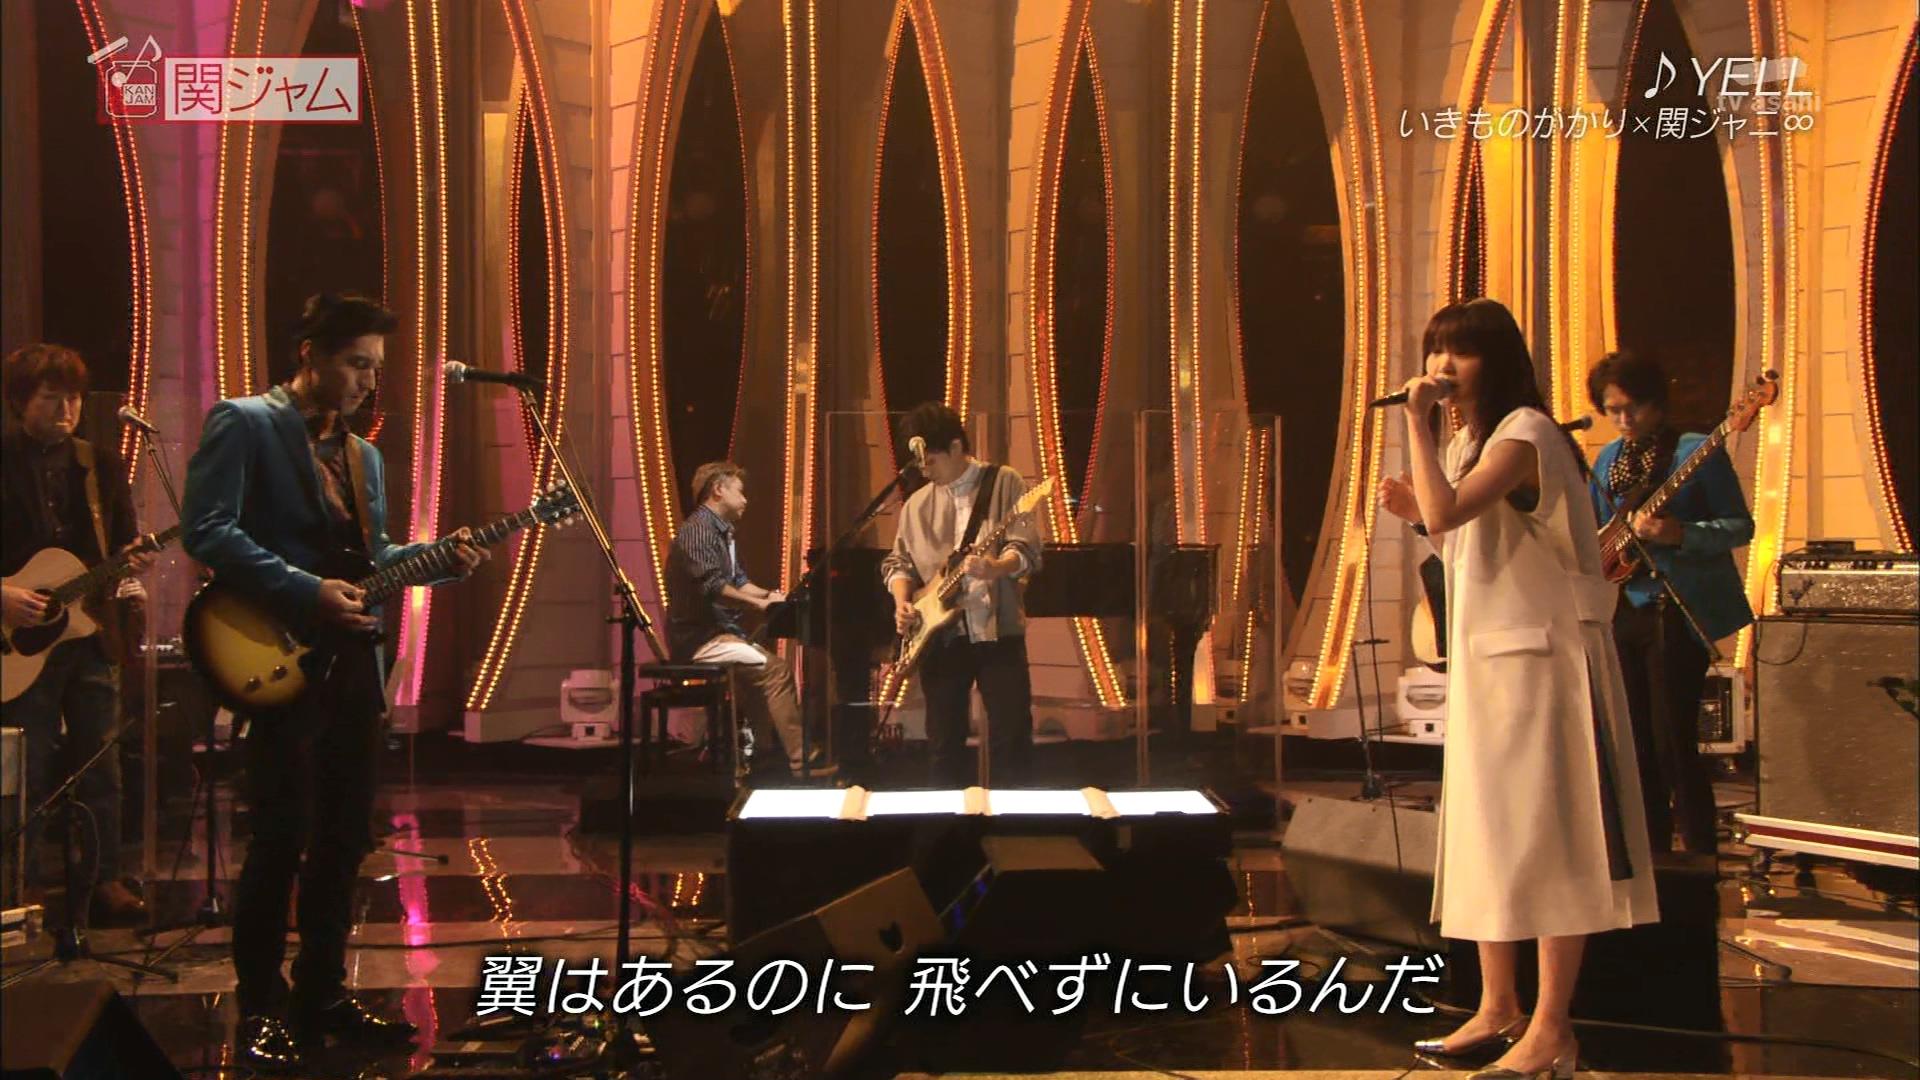 2016.03.13 全場(関ジャム 完全燃SHOW).ts_20160314_025948.509